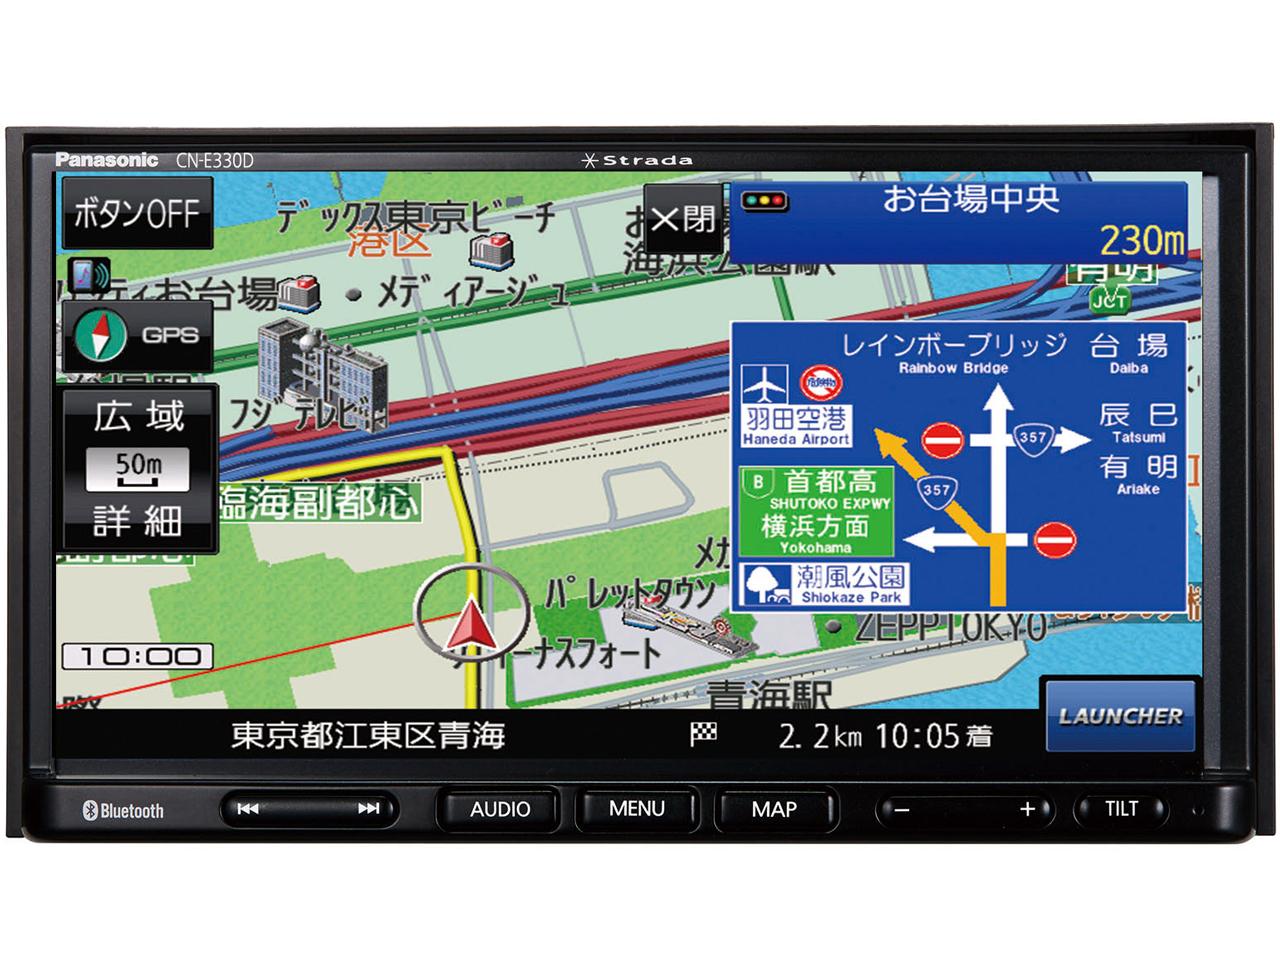 パナソニック(Panasonic) ストラーダ CN-E330D買取画像